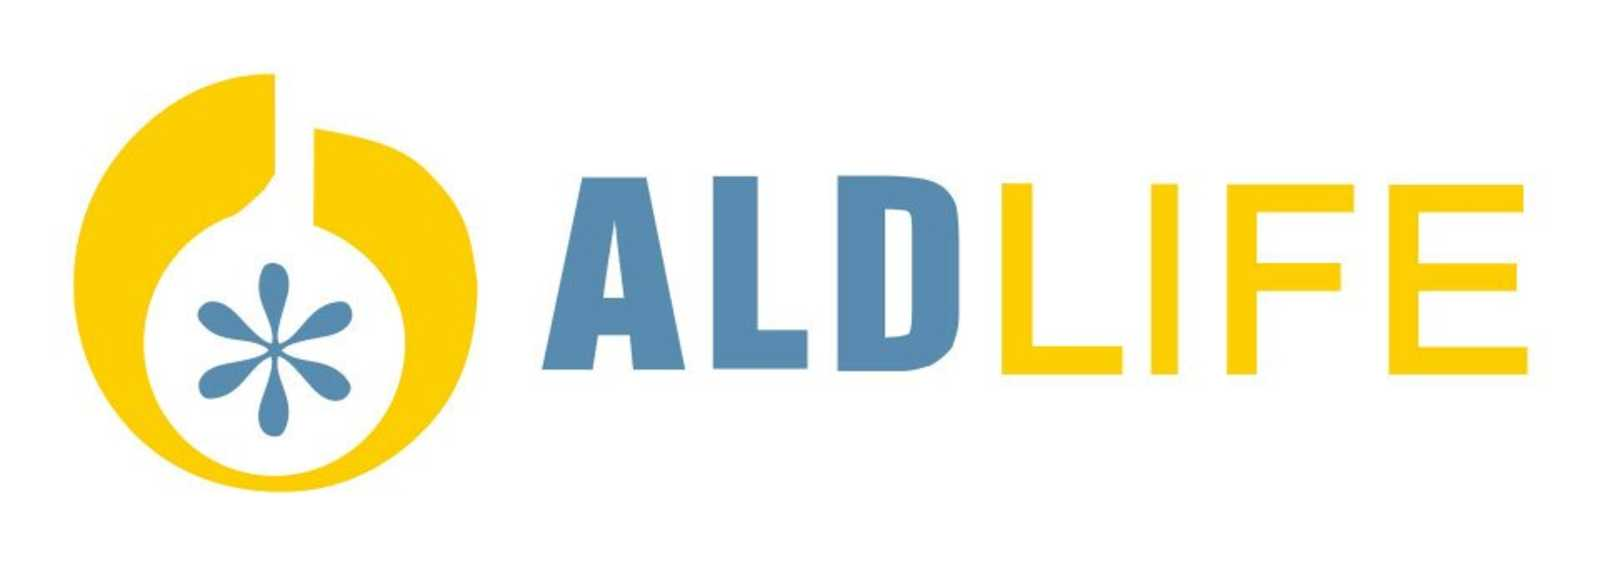 ALD life logo